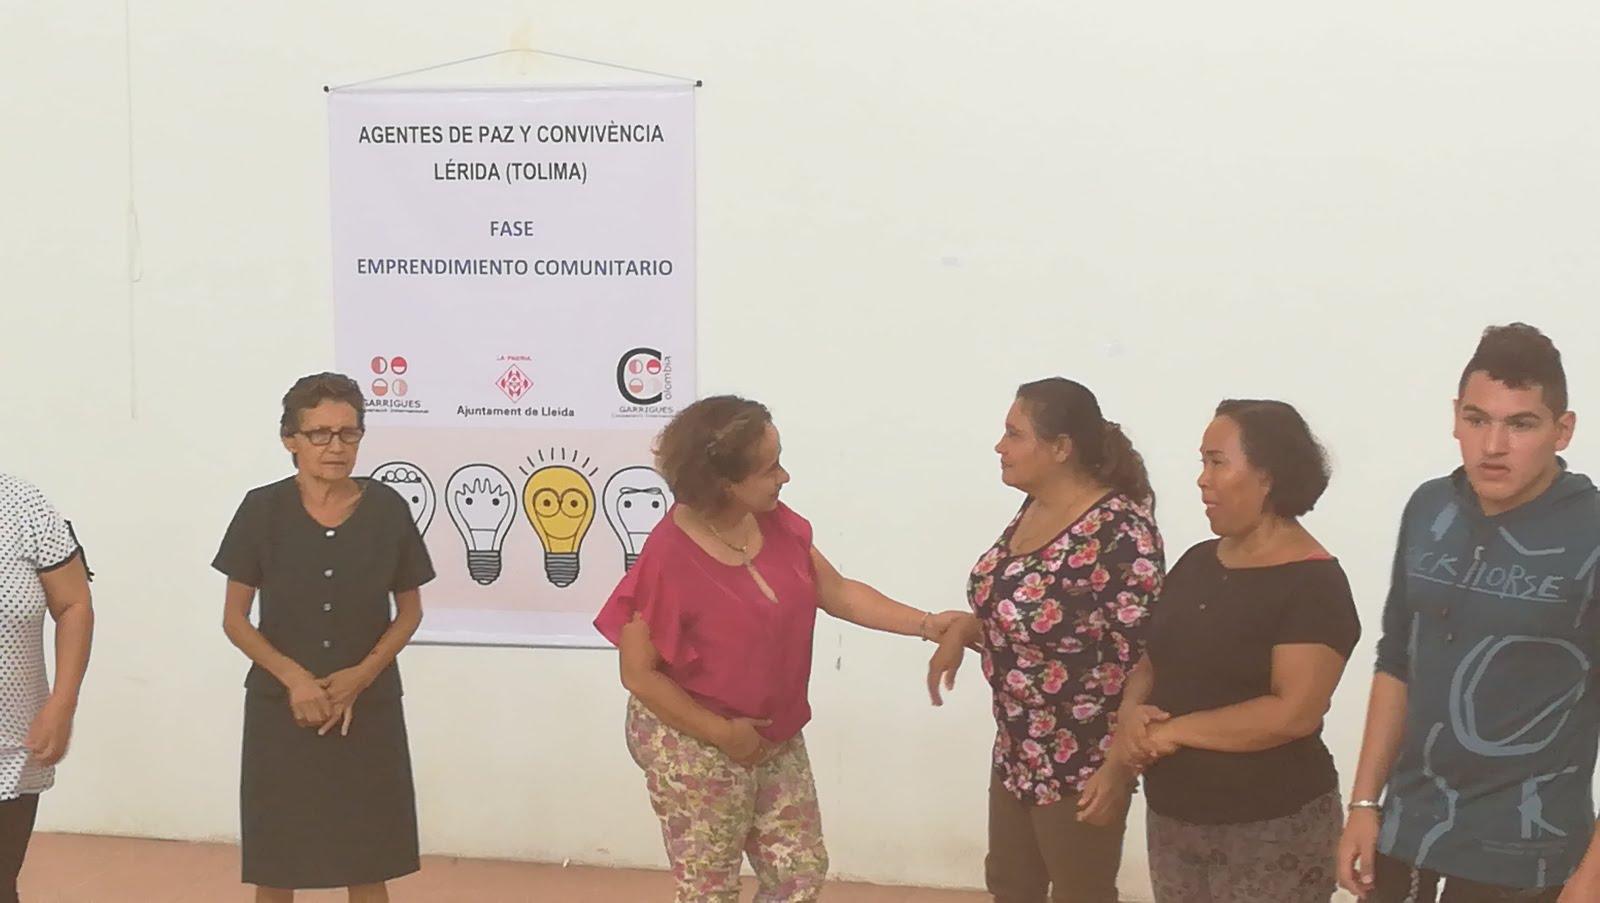 Formación de Agentes de paz y convivencia en Lérida